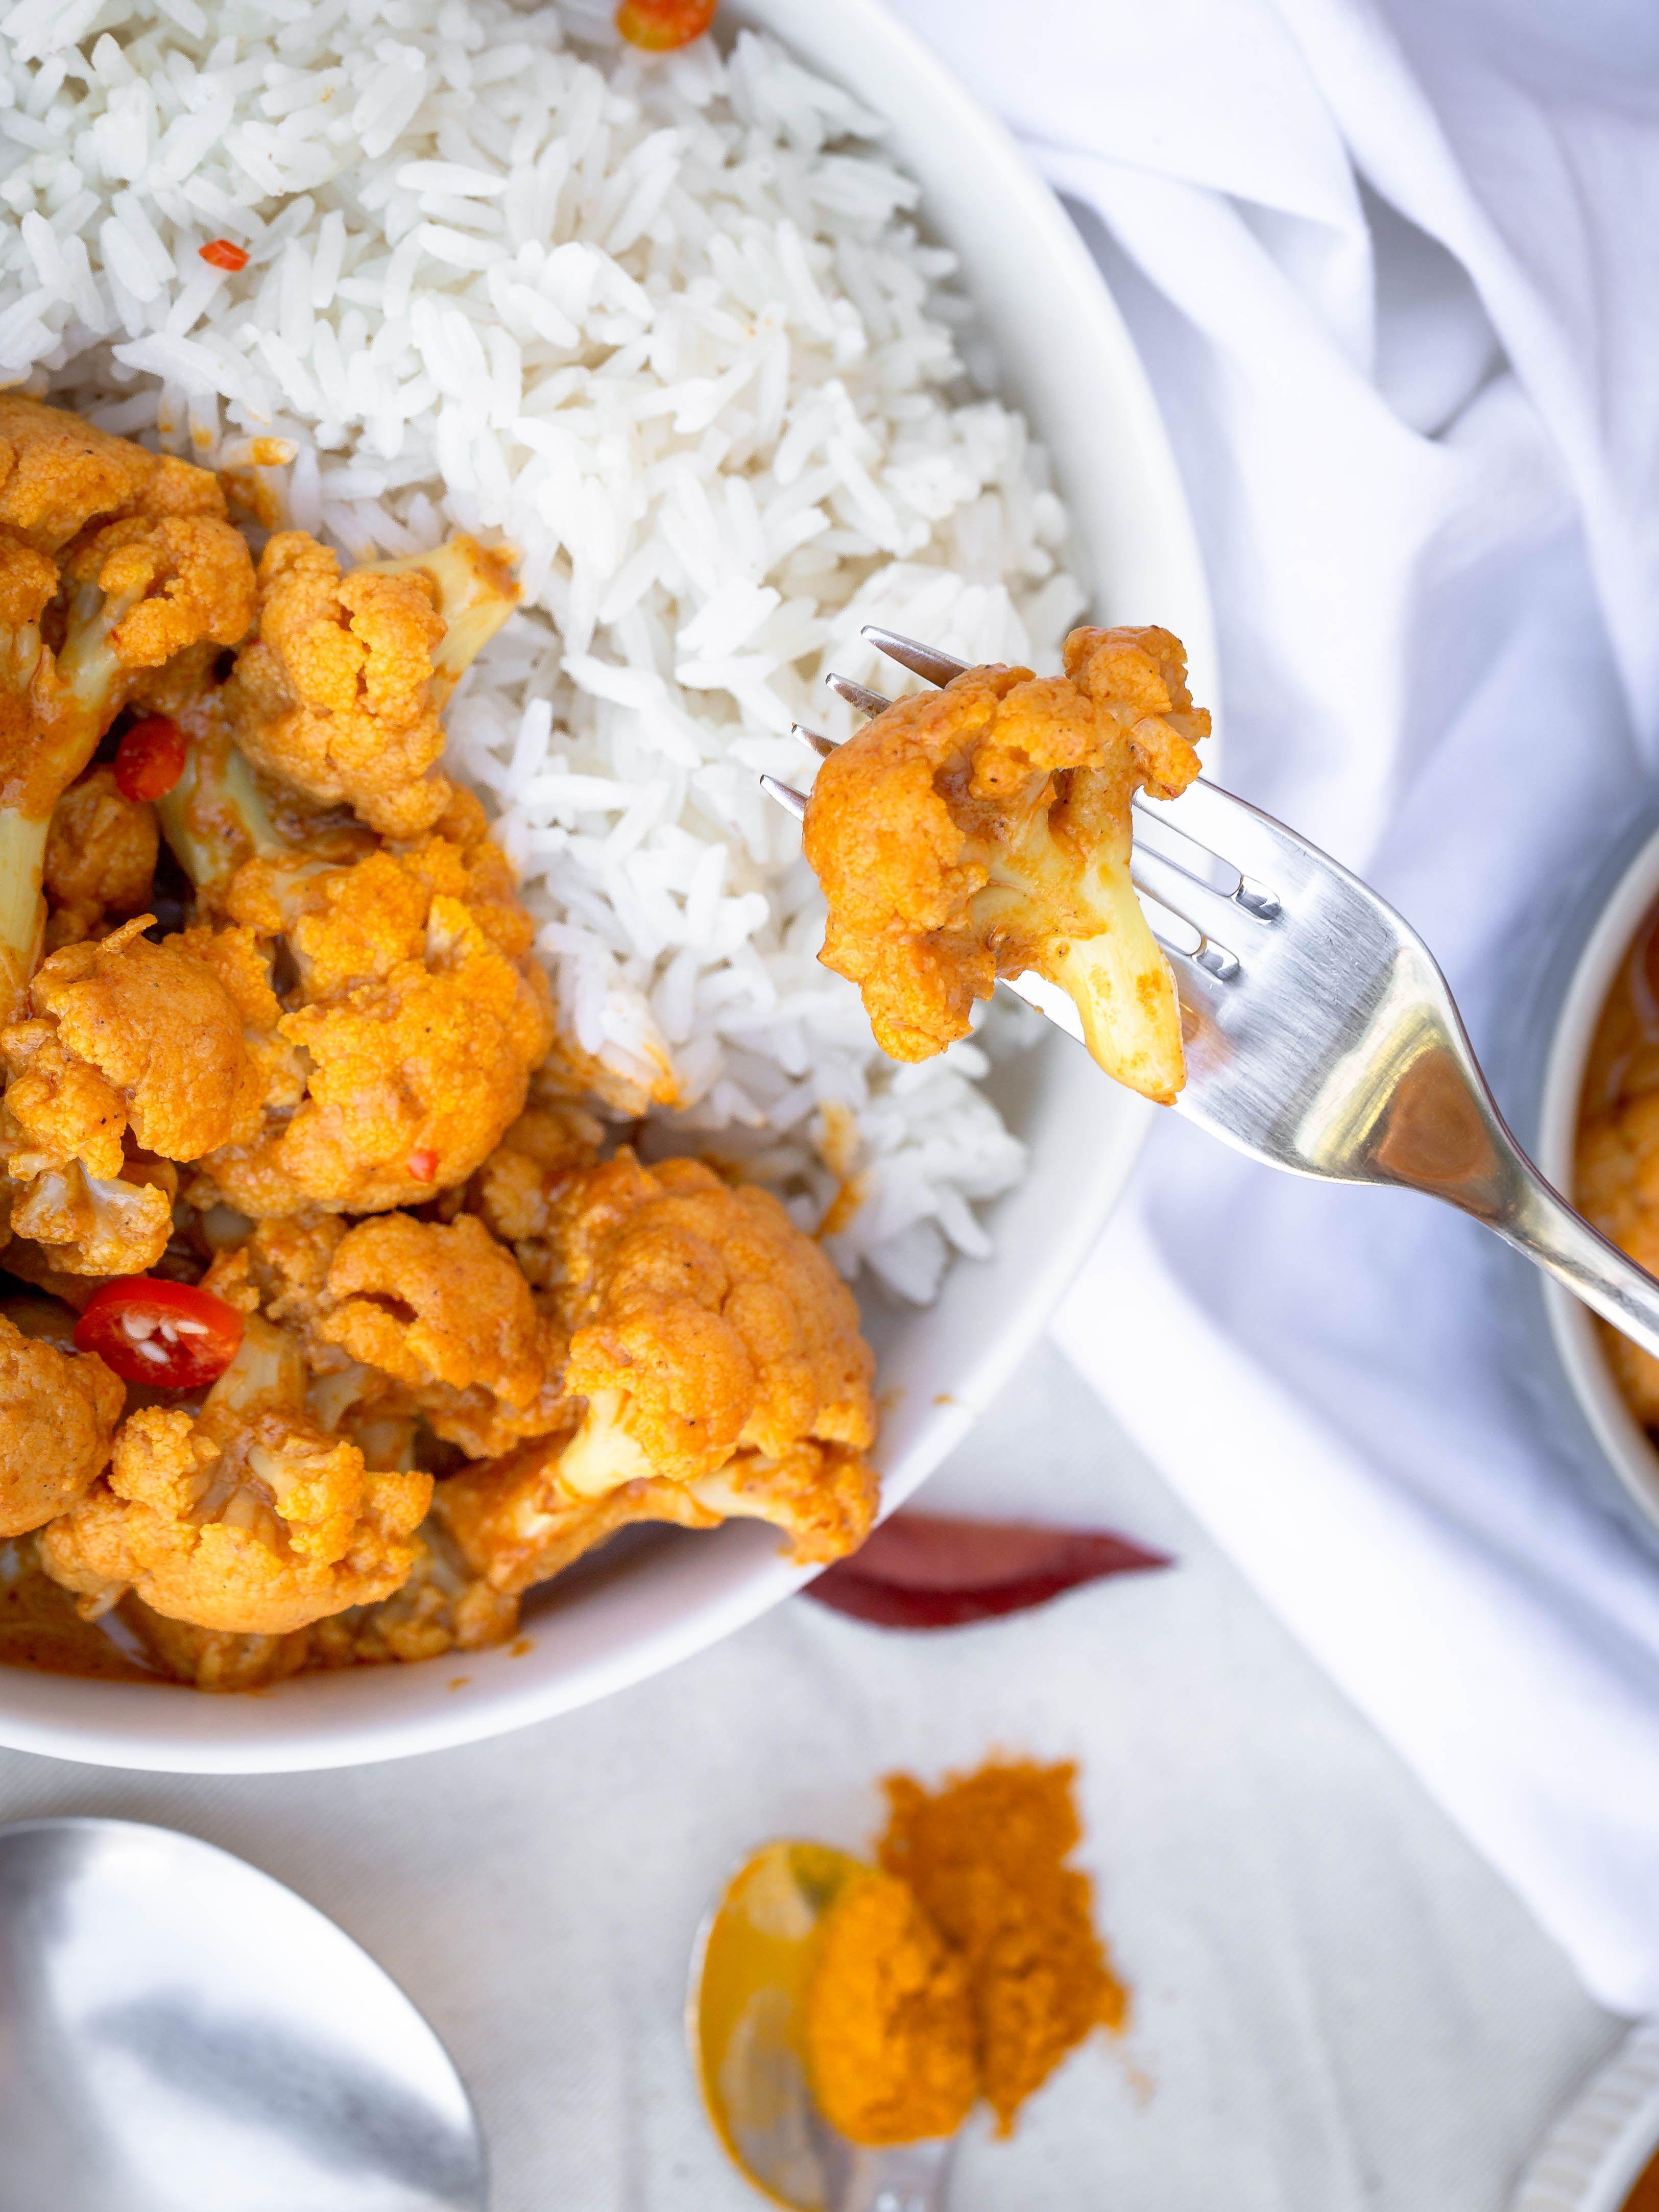 Chou Fleur crémeux au Garam Massala (Vegan et Sans Gluten) - Free The Pickle Une recette de chou f